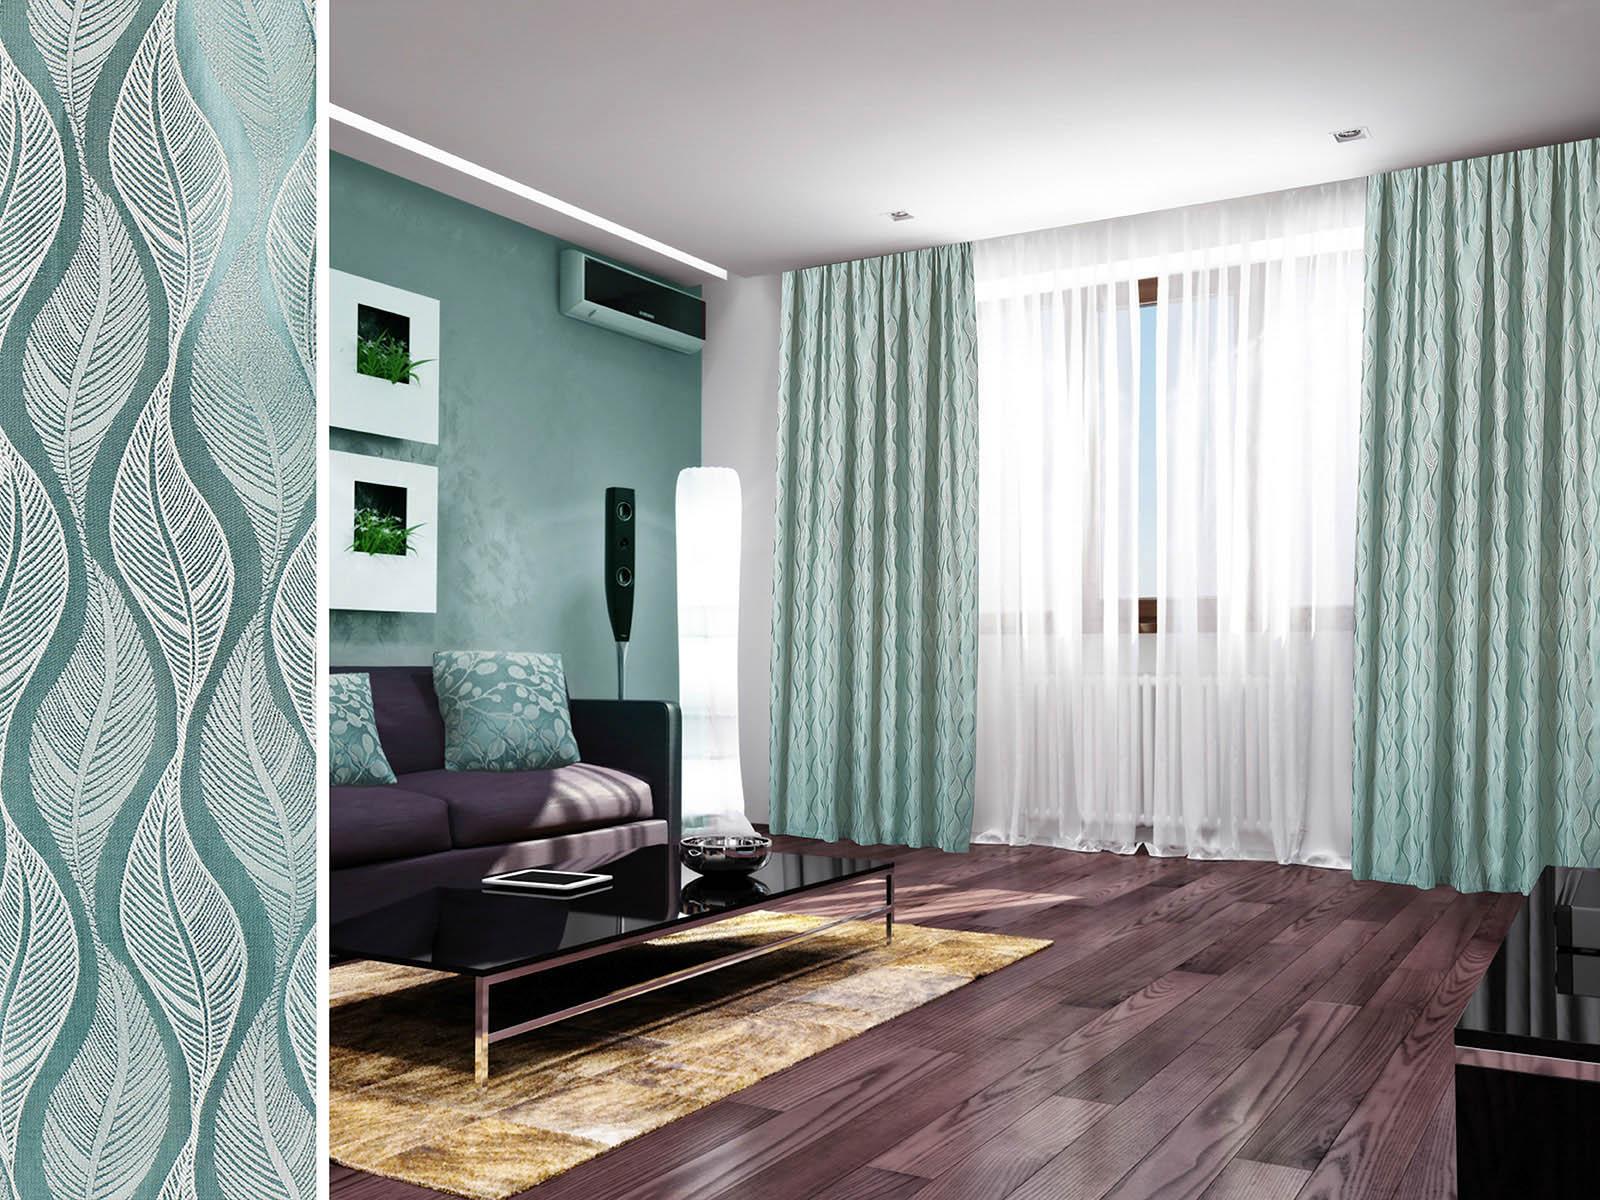 Шторы Primavelle Классические шторы Livia Цвет: Бирюзовый шторы tac классические шторы winx цвет персиковый 200x265 см